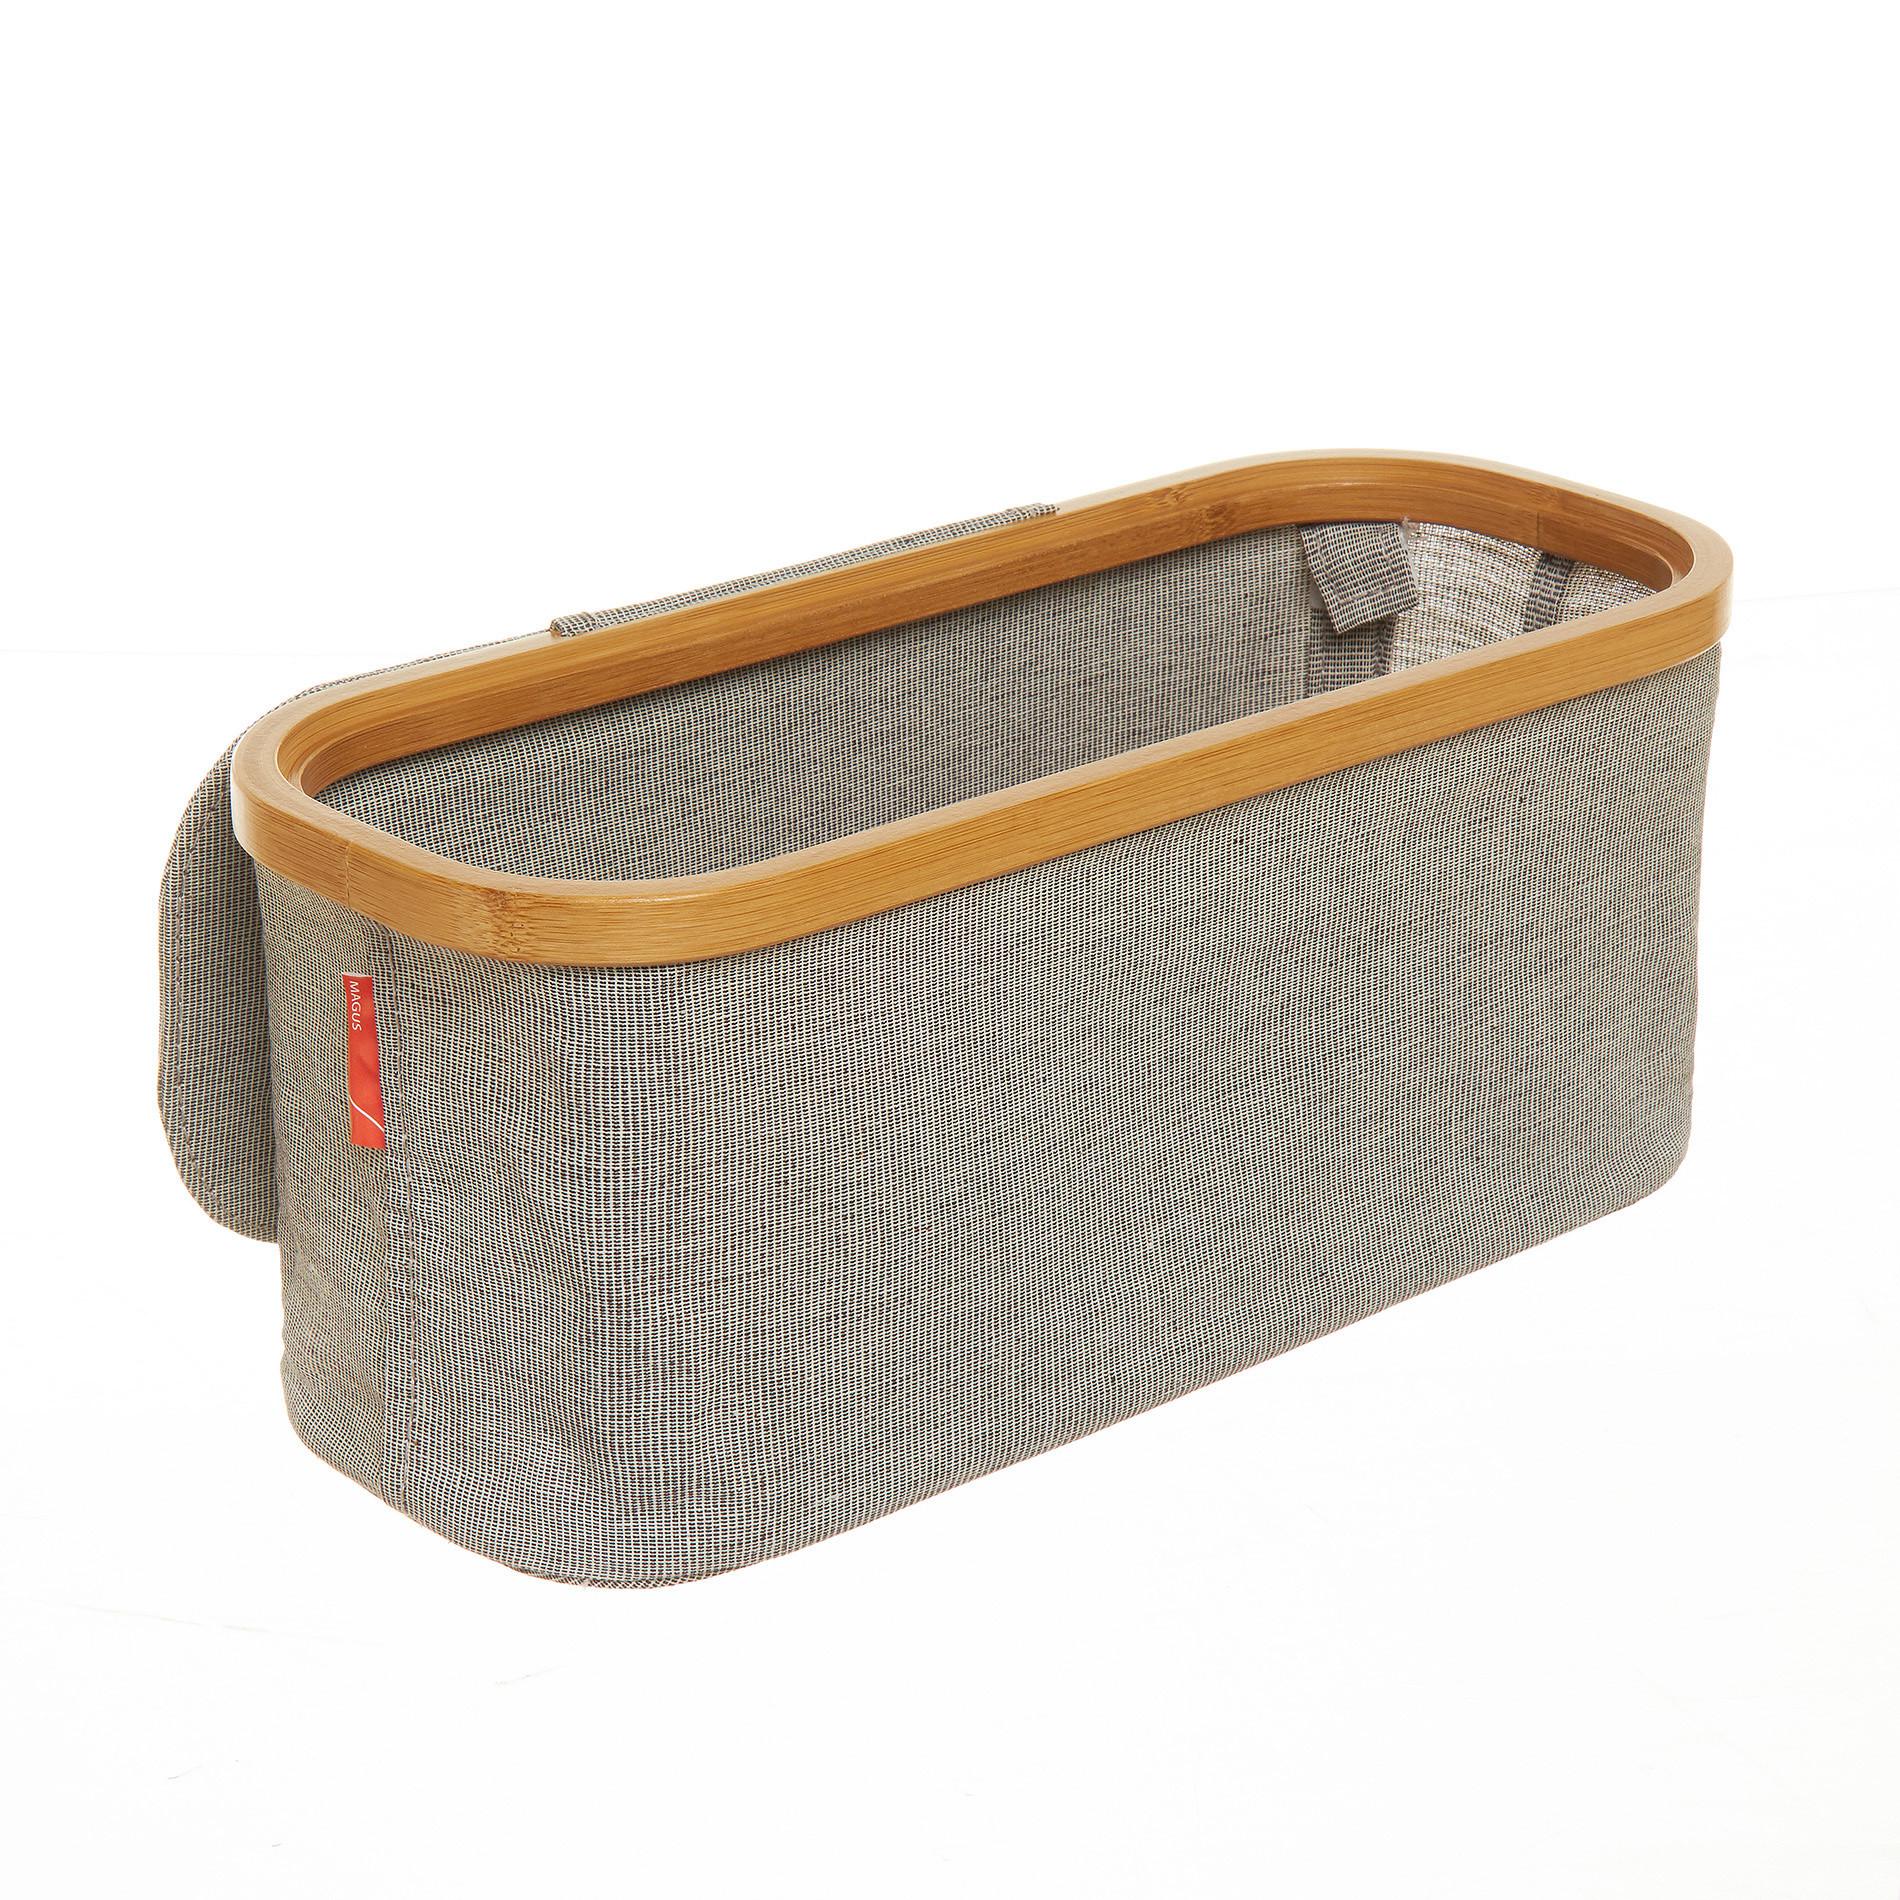 Portasalviette misto cotone e bordo in bamboo, Grigio, large image number 1